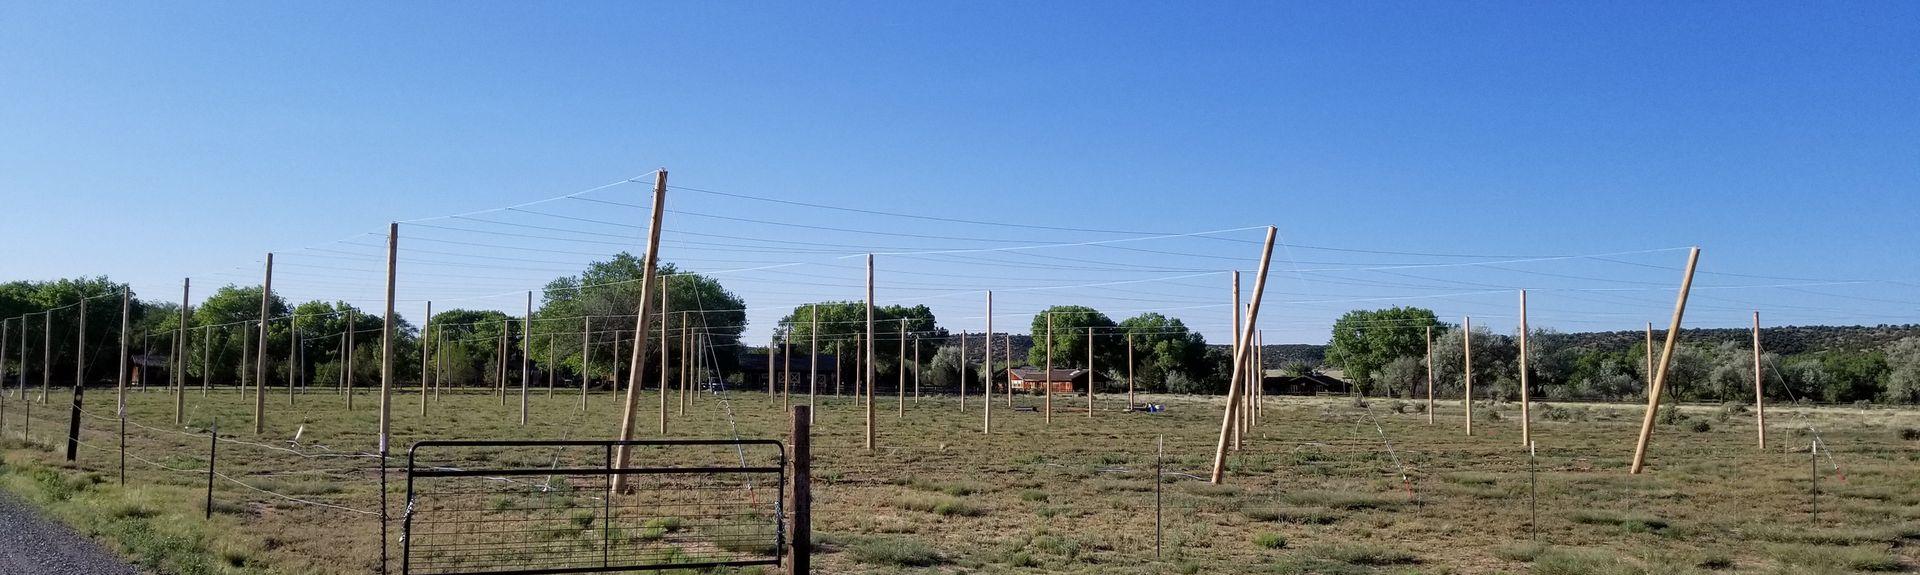 Madrid, Cerrillos, New Mexico, USA